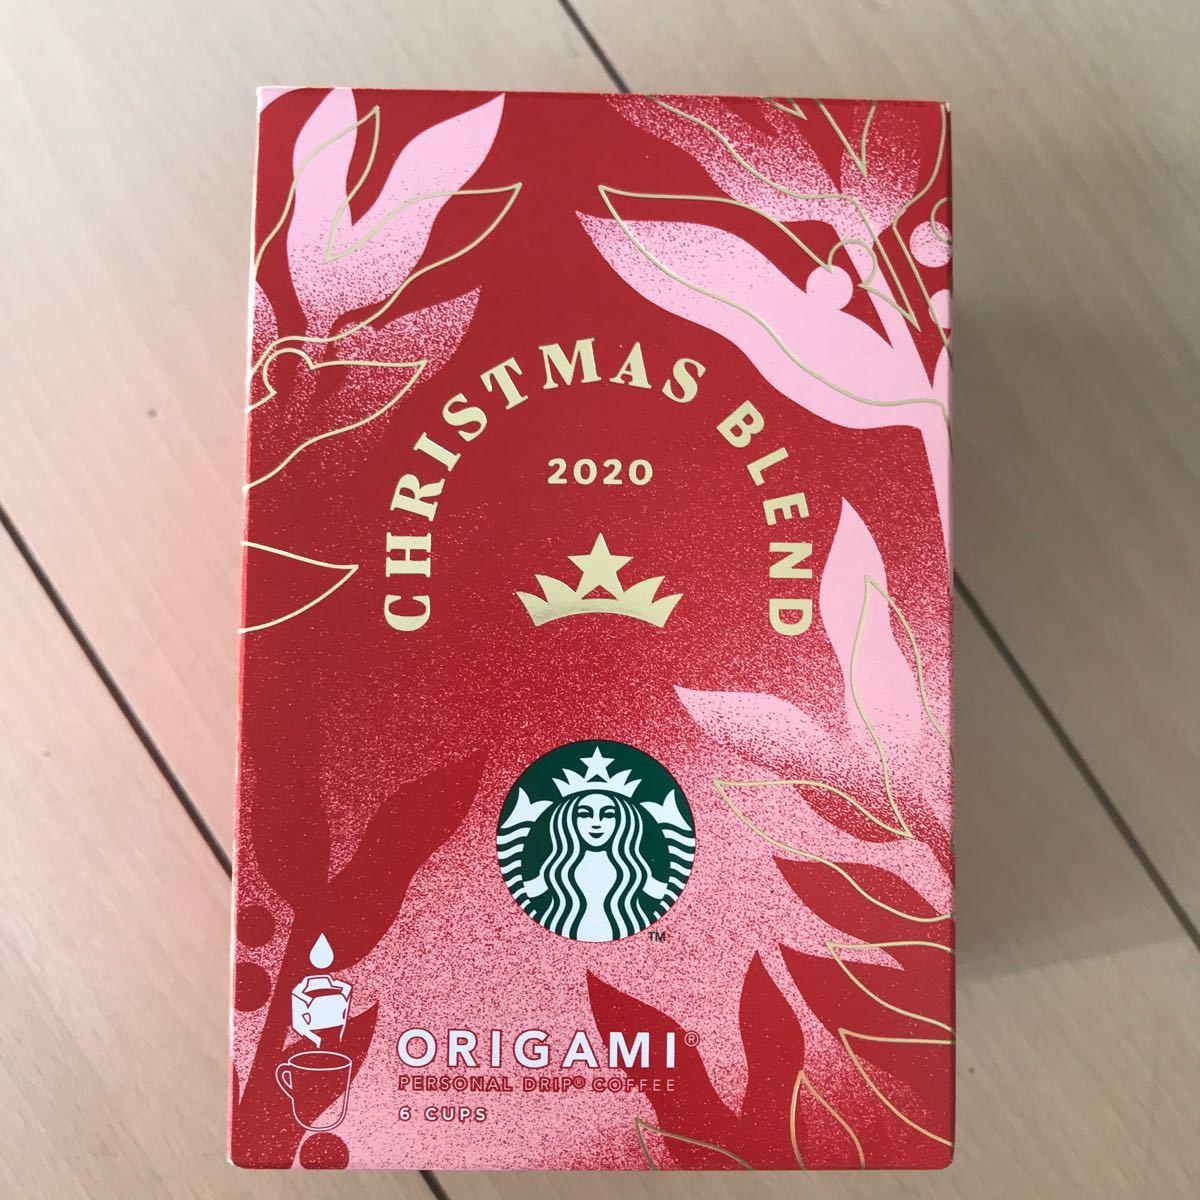 スターバックス スターバックスオリガミ クリスマスブレンド スタバ STARBUCKS